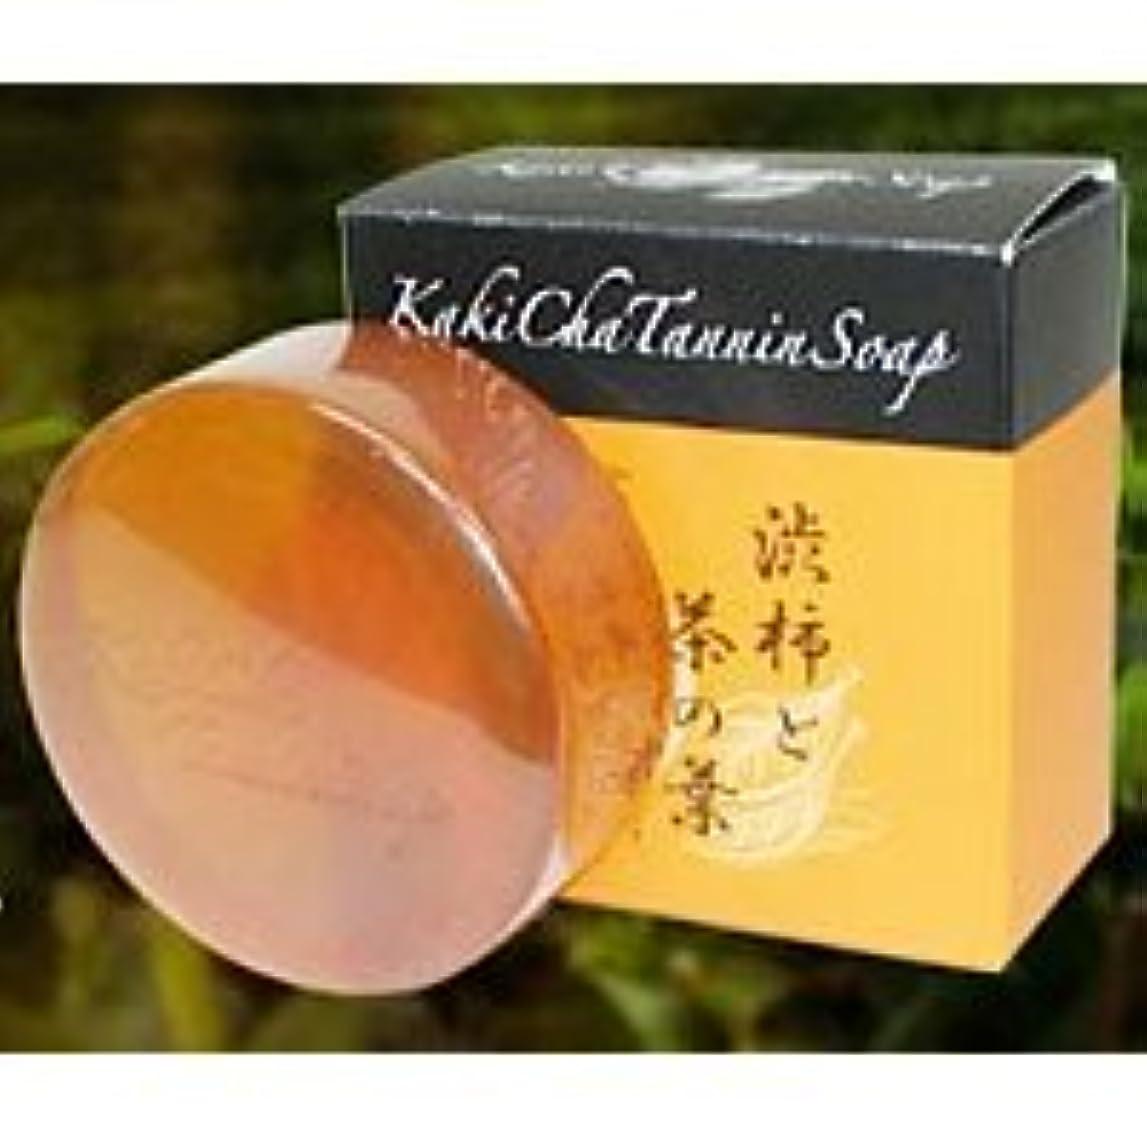 章ほとんどの場合ヒントカキチャタンニンソープ 安心の日本製 カキチャタンニンソープ (マイルドクリアソープ) カキチャ タンニンソープ 柿渋ソープ